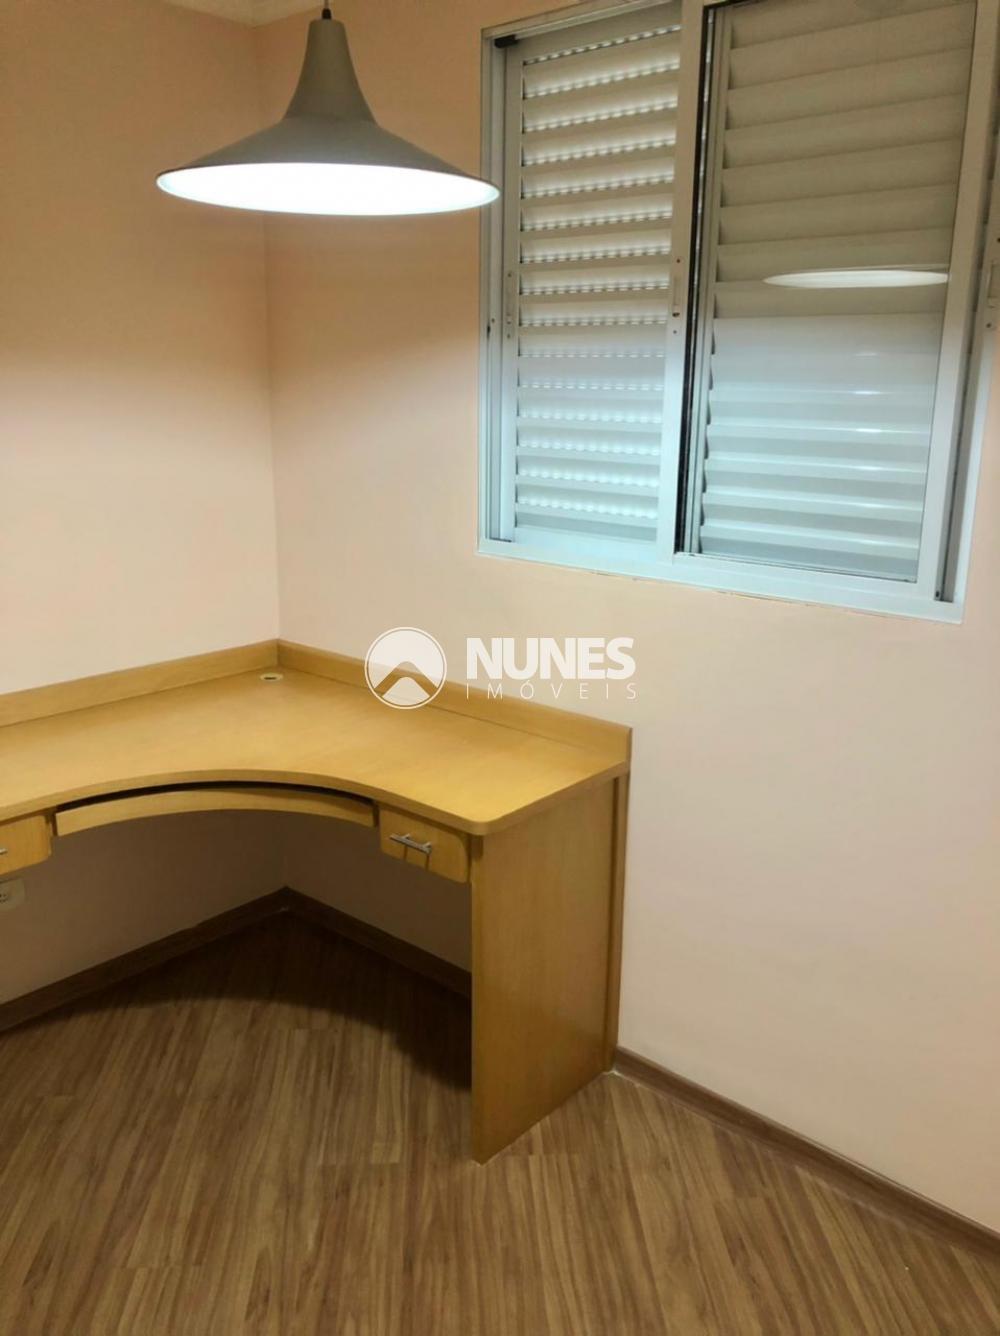 Alugar Apartamento / Padrão em São Paulo R$ 1.600,00 - Foto 8